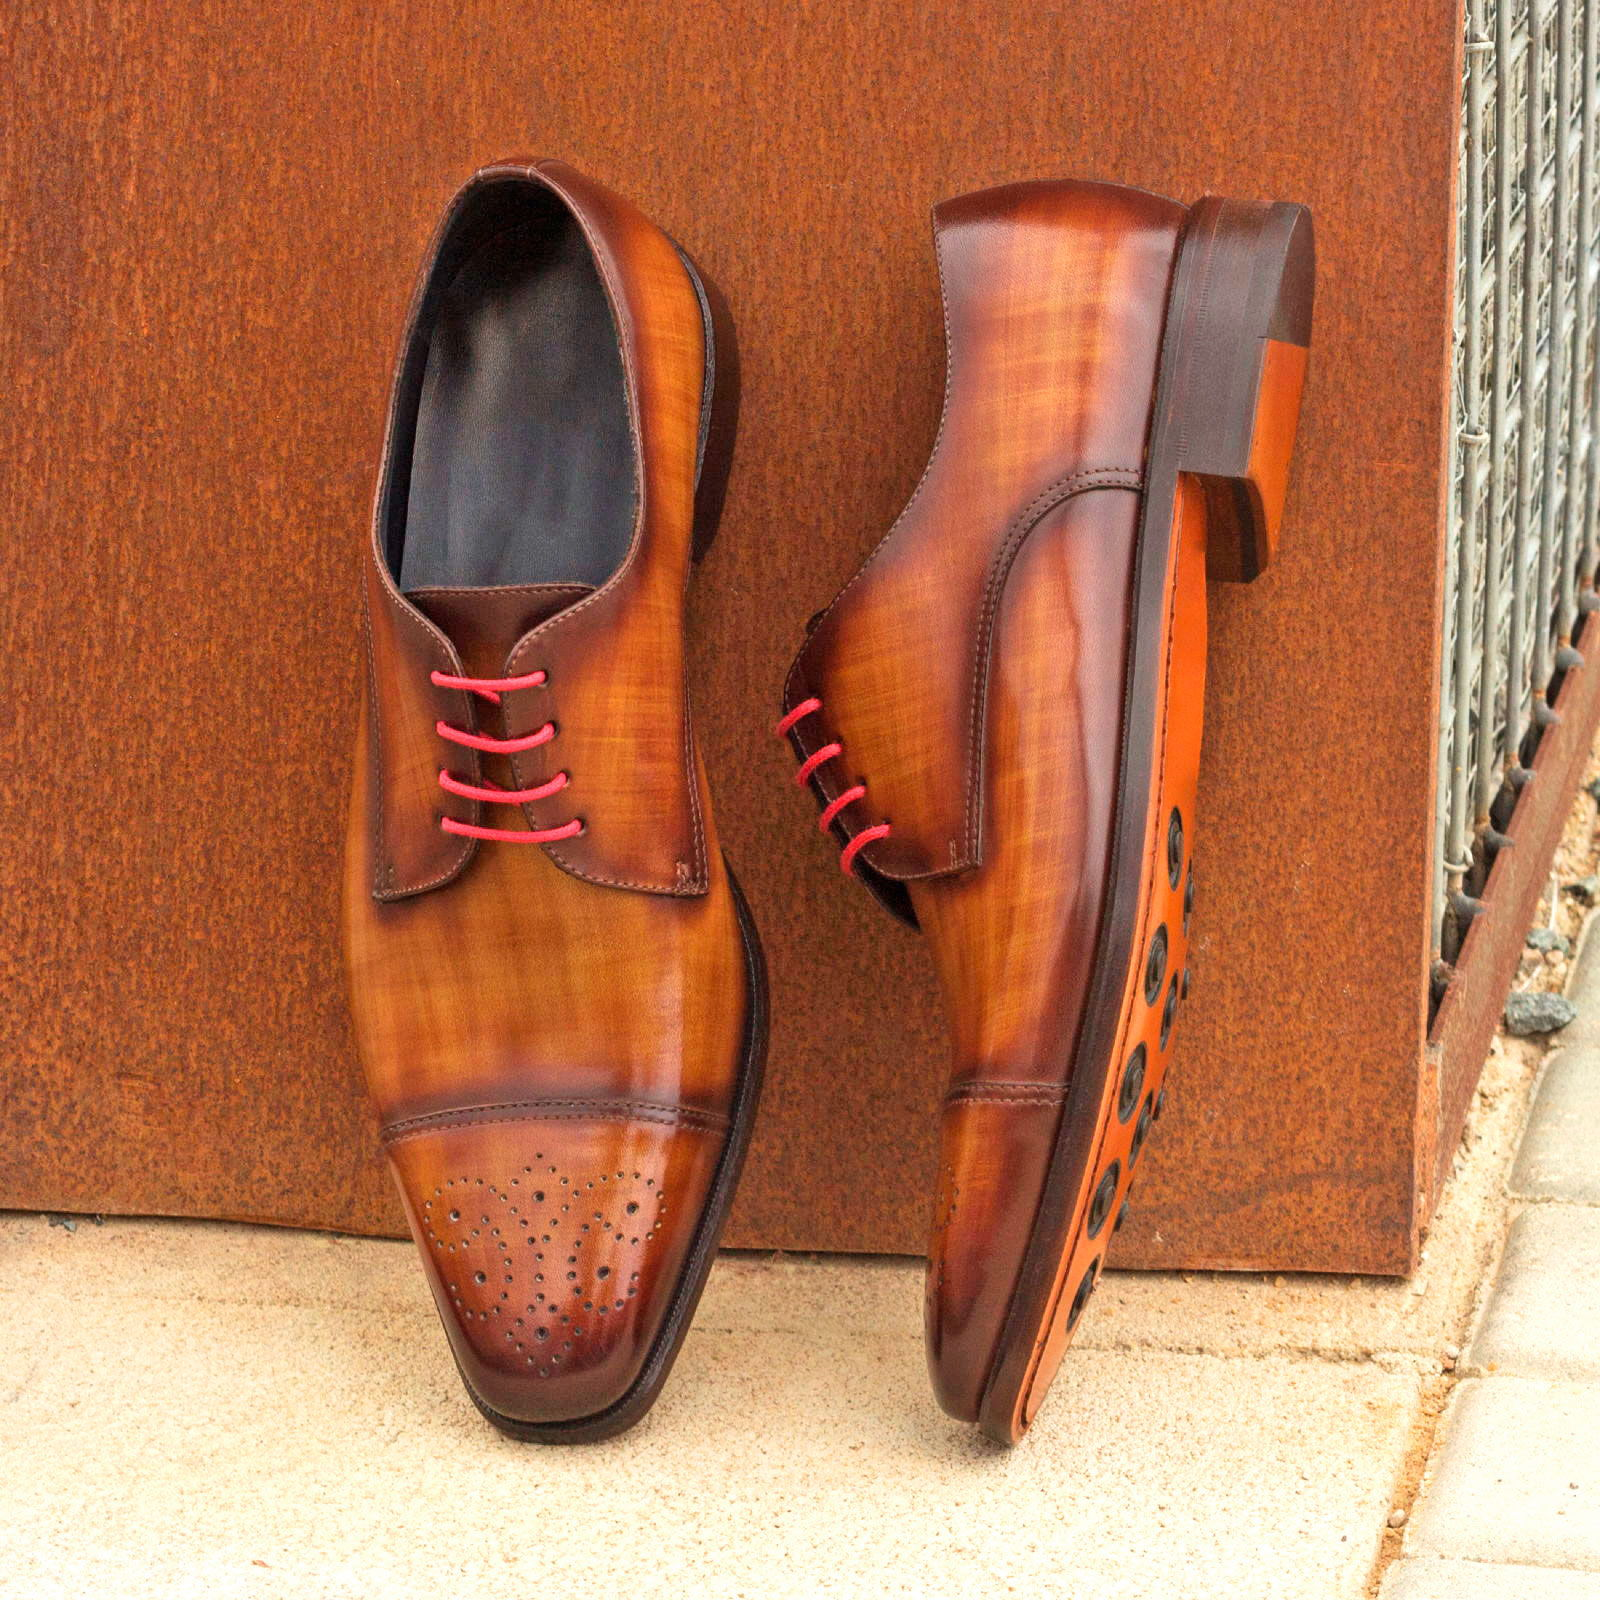 5 chaussures habillées indispensables que tout homme doit avoir dans sa garde-robe  Guide d'achat de votre collection de chaussures améliorée selon Maison Le Duc